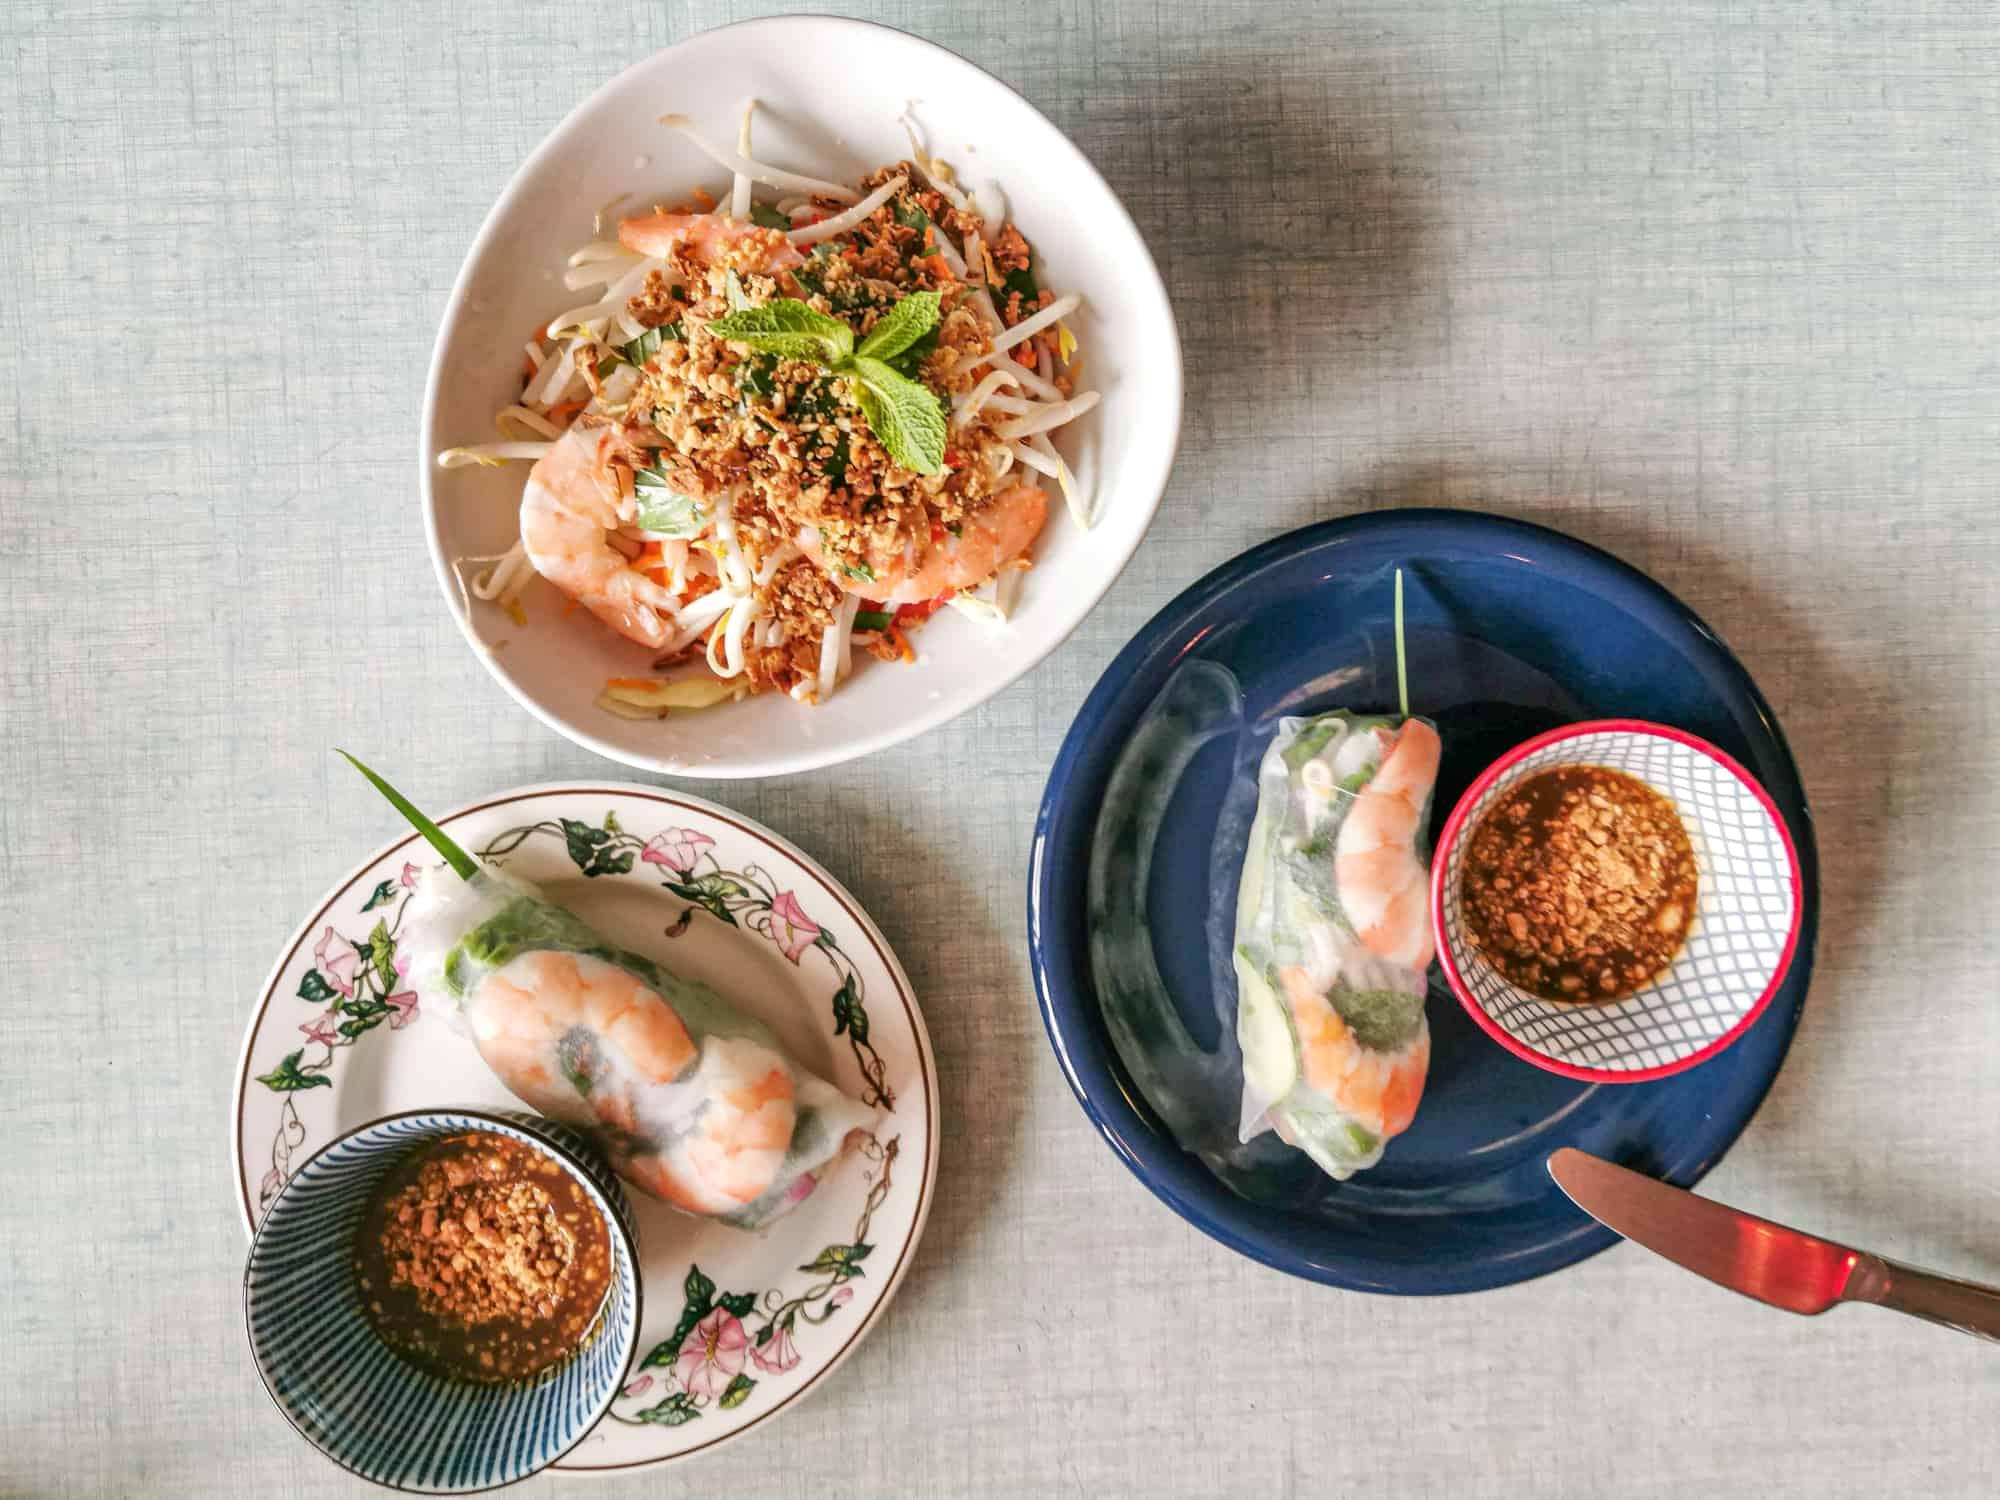 ca-phe-broc-ouest-restaurant-vietnamien-paris-14-bouiboui-14